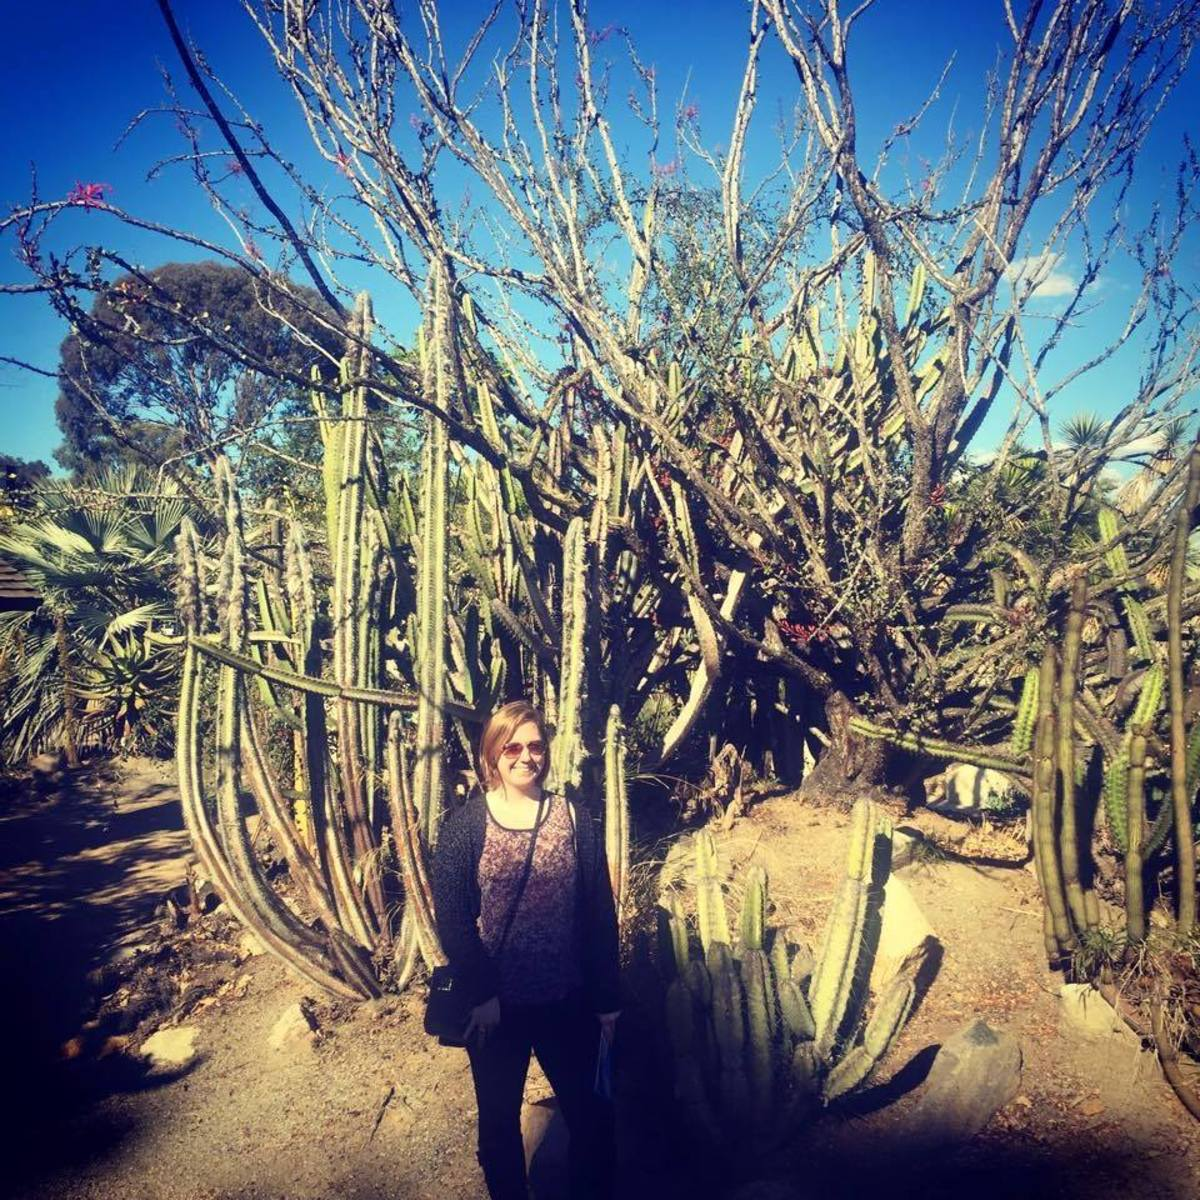 Here I am in the desert garden.